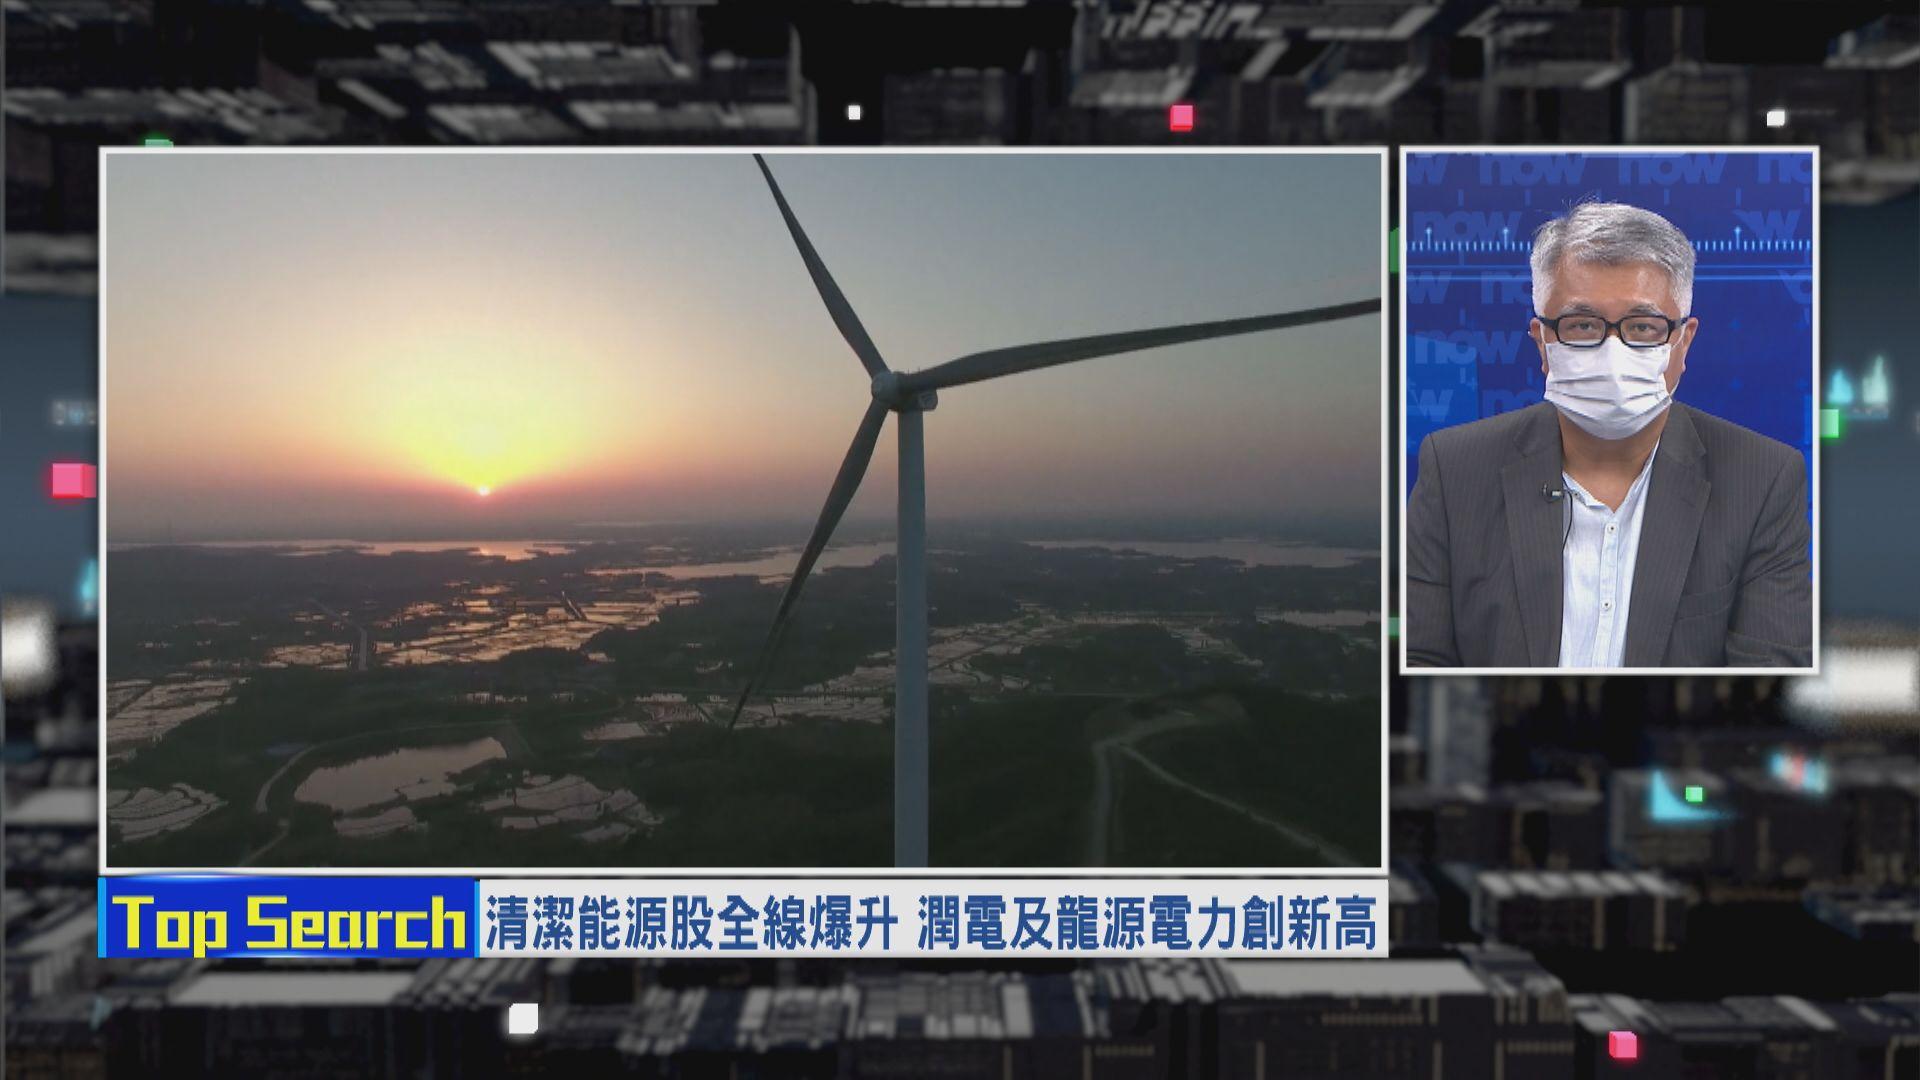 【財經TOP SEARCH】電力股今日升過龍?